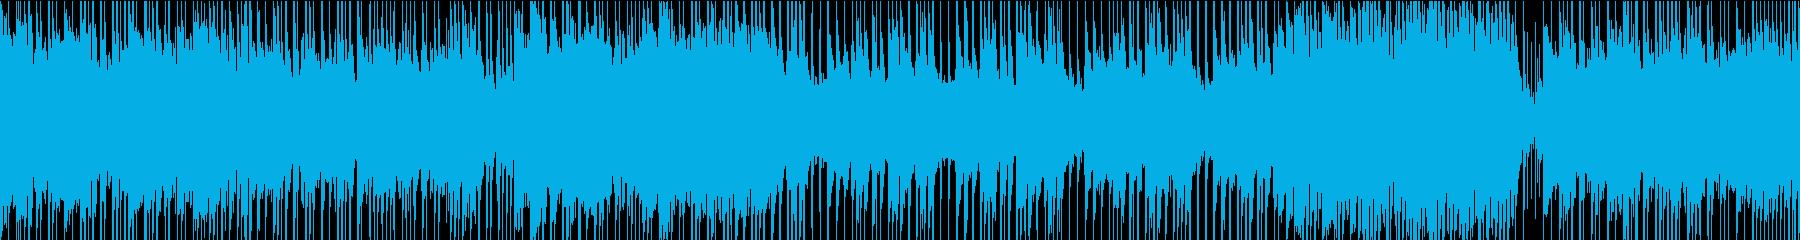 ロック/激しい/重い/疾走感/ループの再生済みの波形